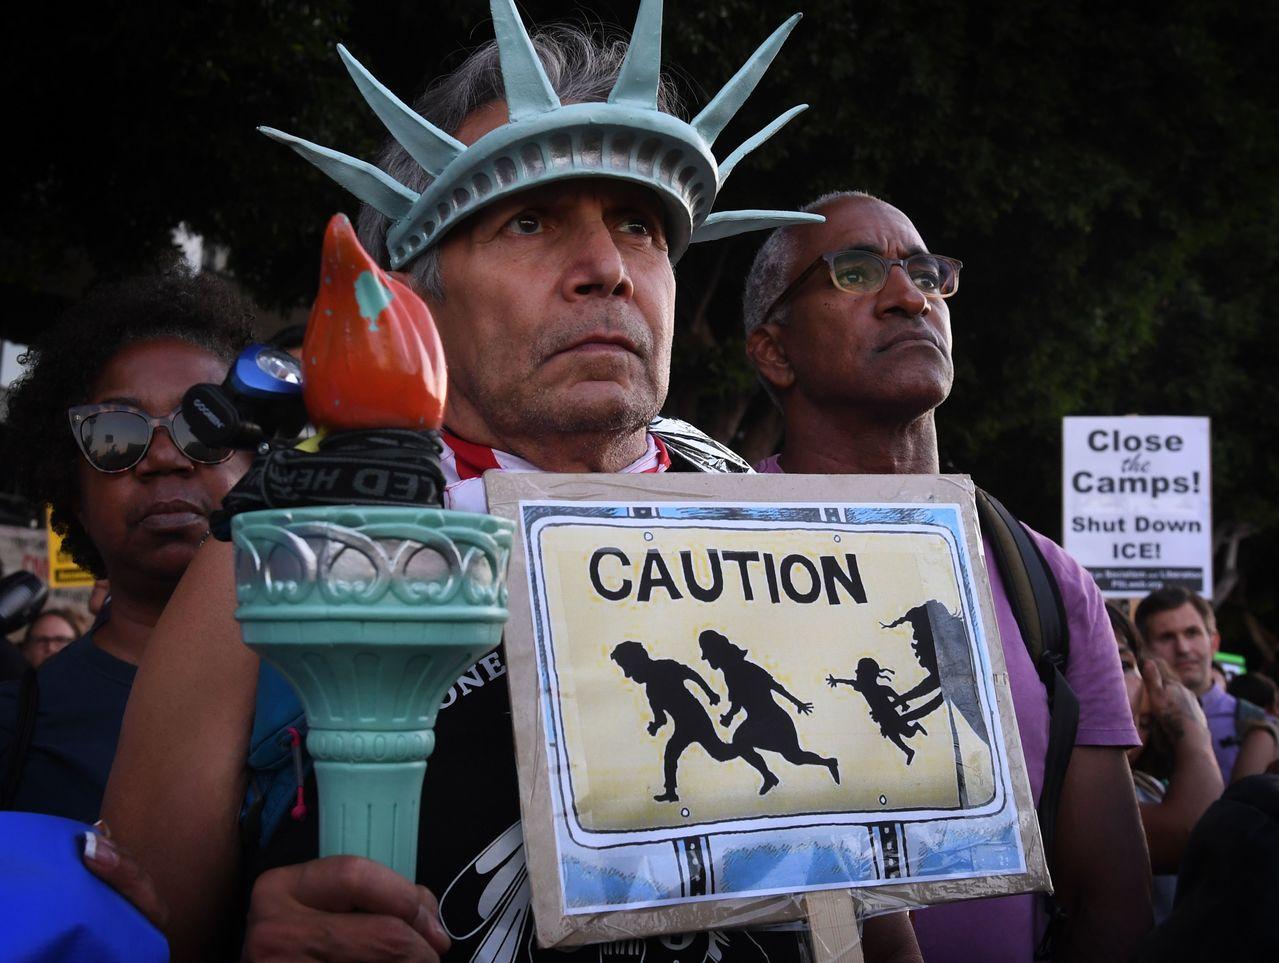 逮捕移民行動在紐約市提早展開。 法新社